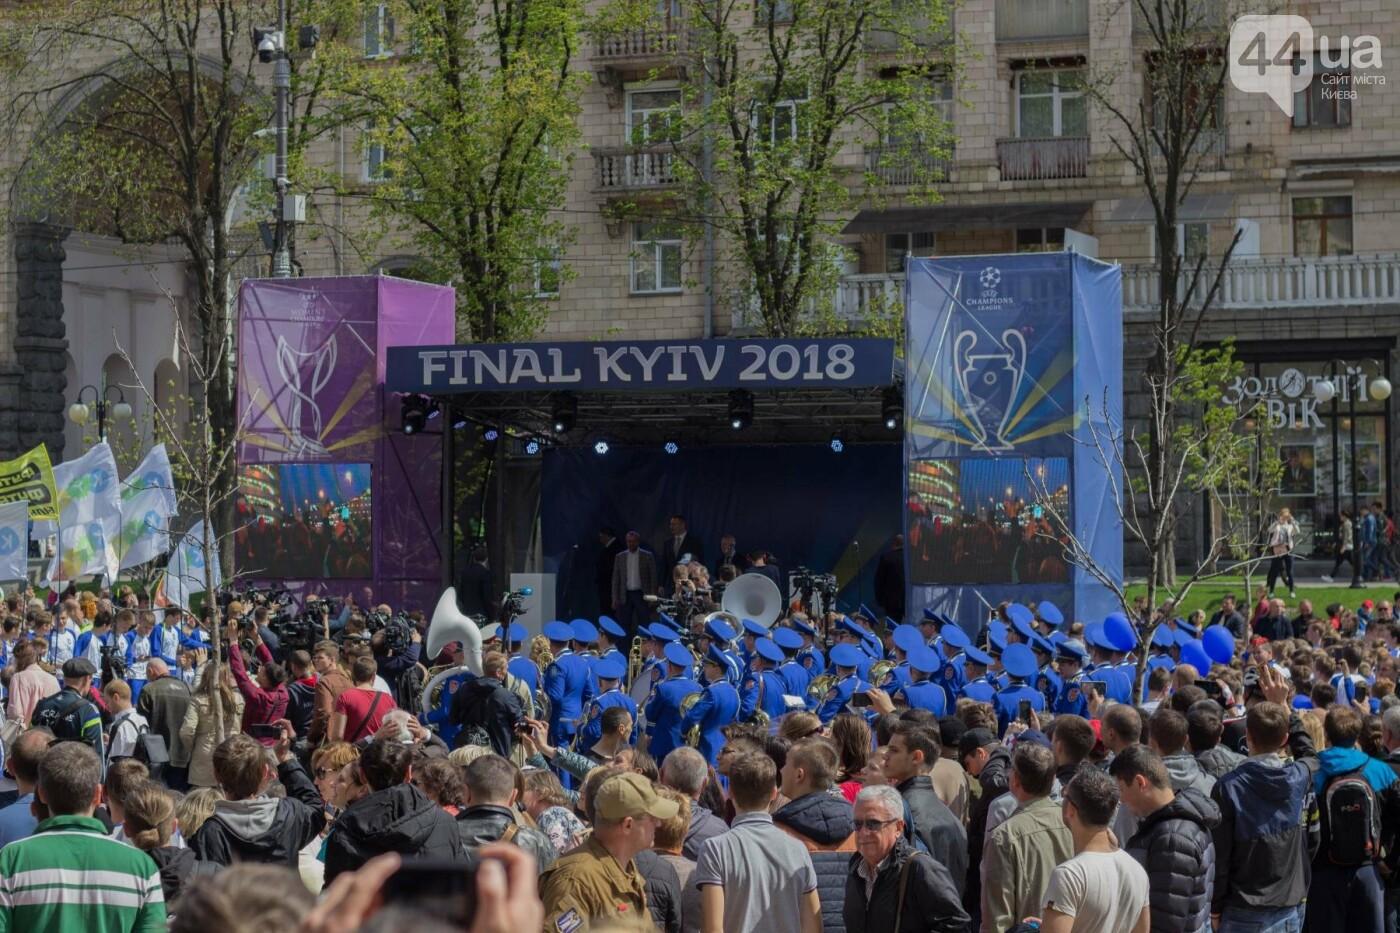 Кубок Лиги чемпионов УЕФА прибыл в Киев, фото-15